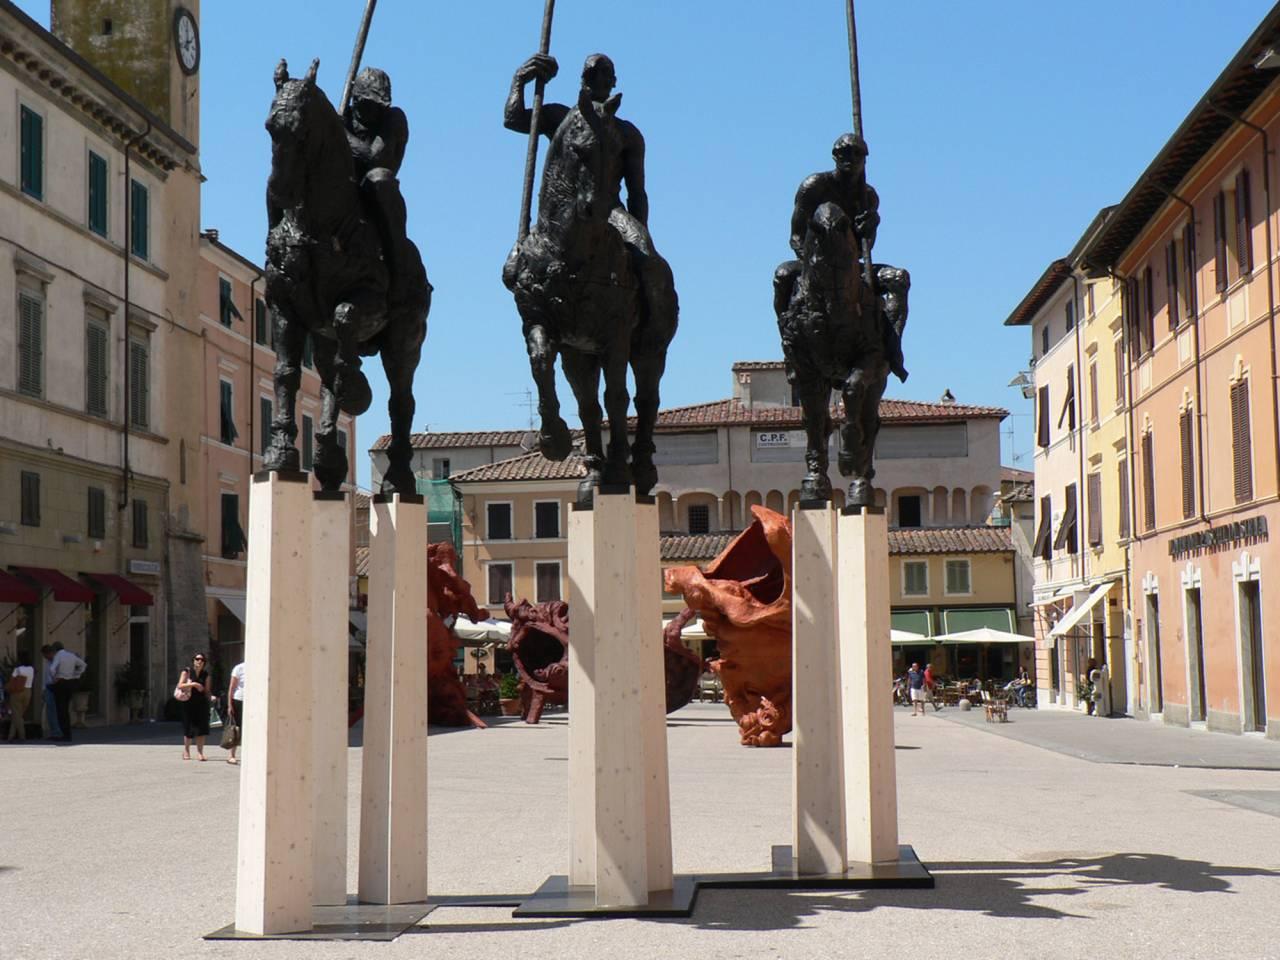 Javier Marin - De 3 en 3 - Piazza Duomo, Sant